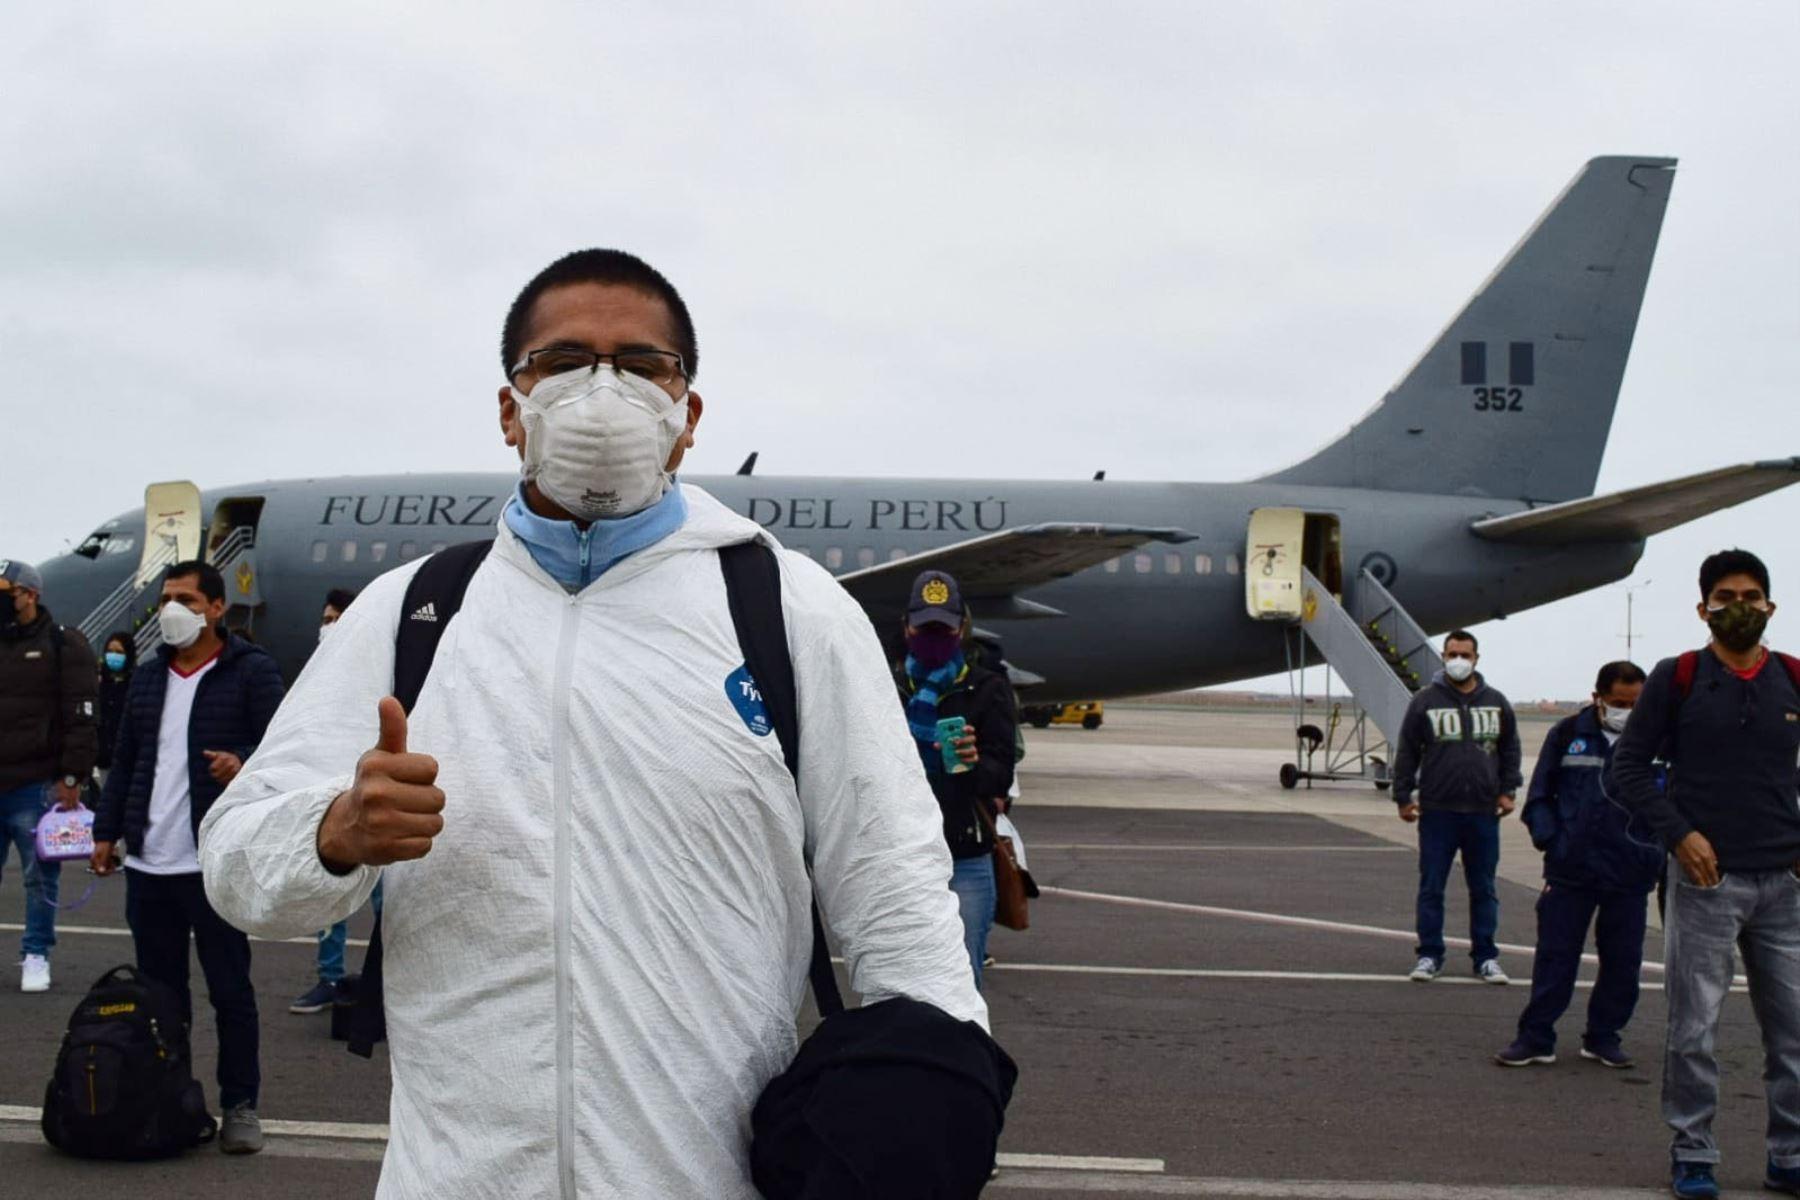 47 profesionales de la salud parten rumbo a Iquitos para contribuir en la prevención, diagnóstico y tratamiento de pacientes covid -19. Foto: Minsa